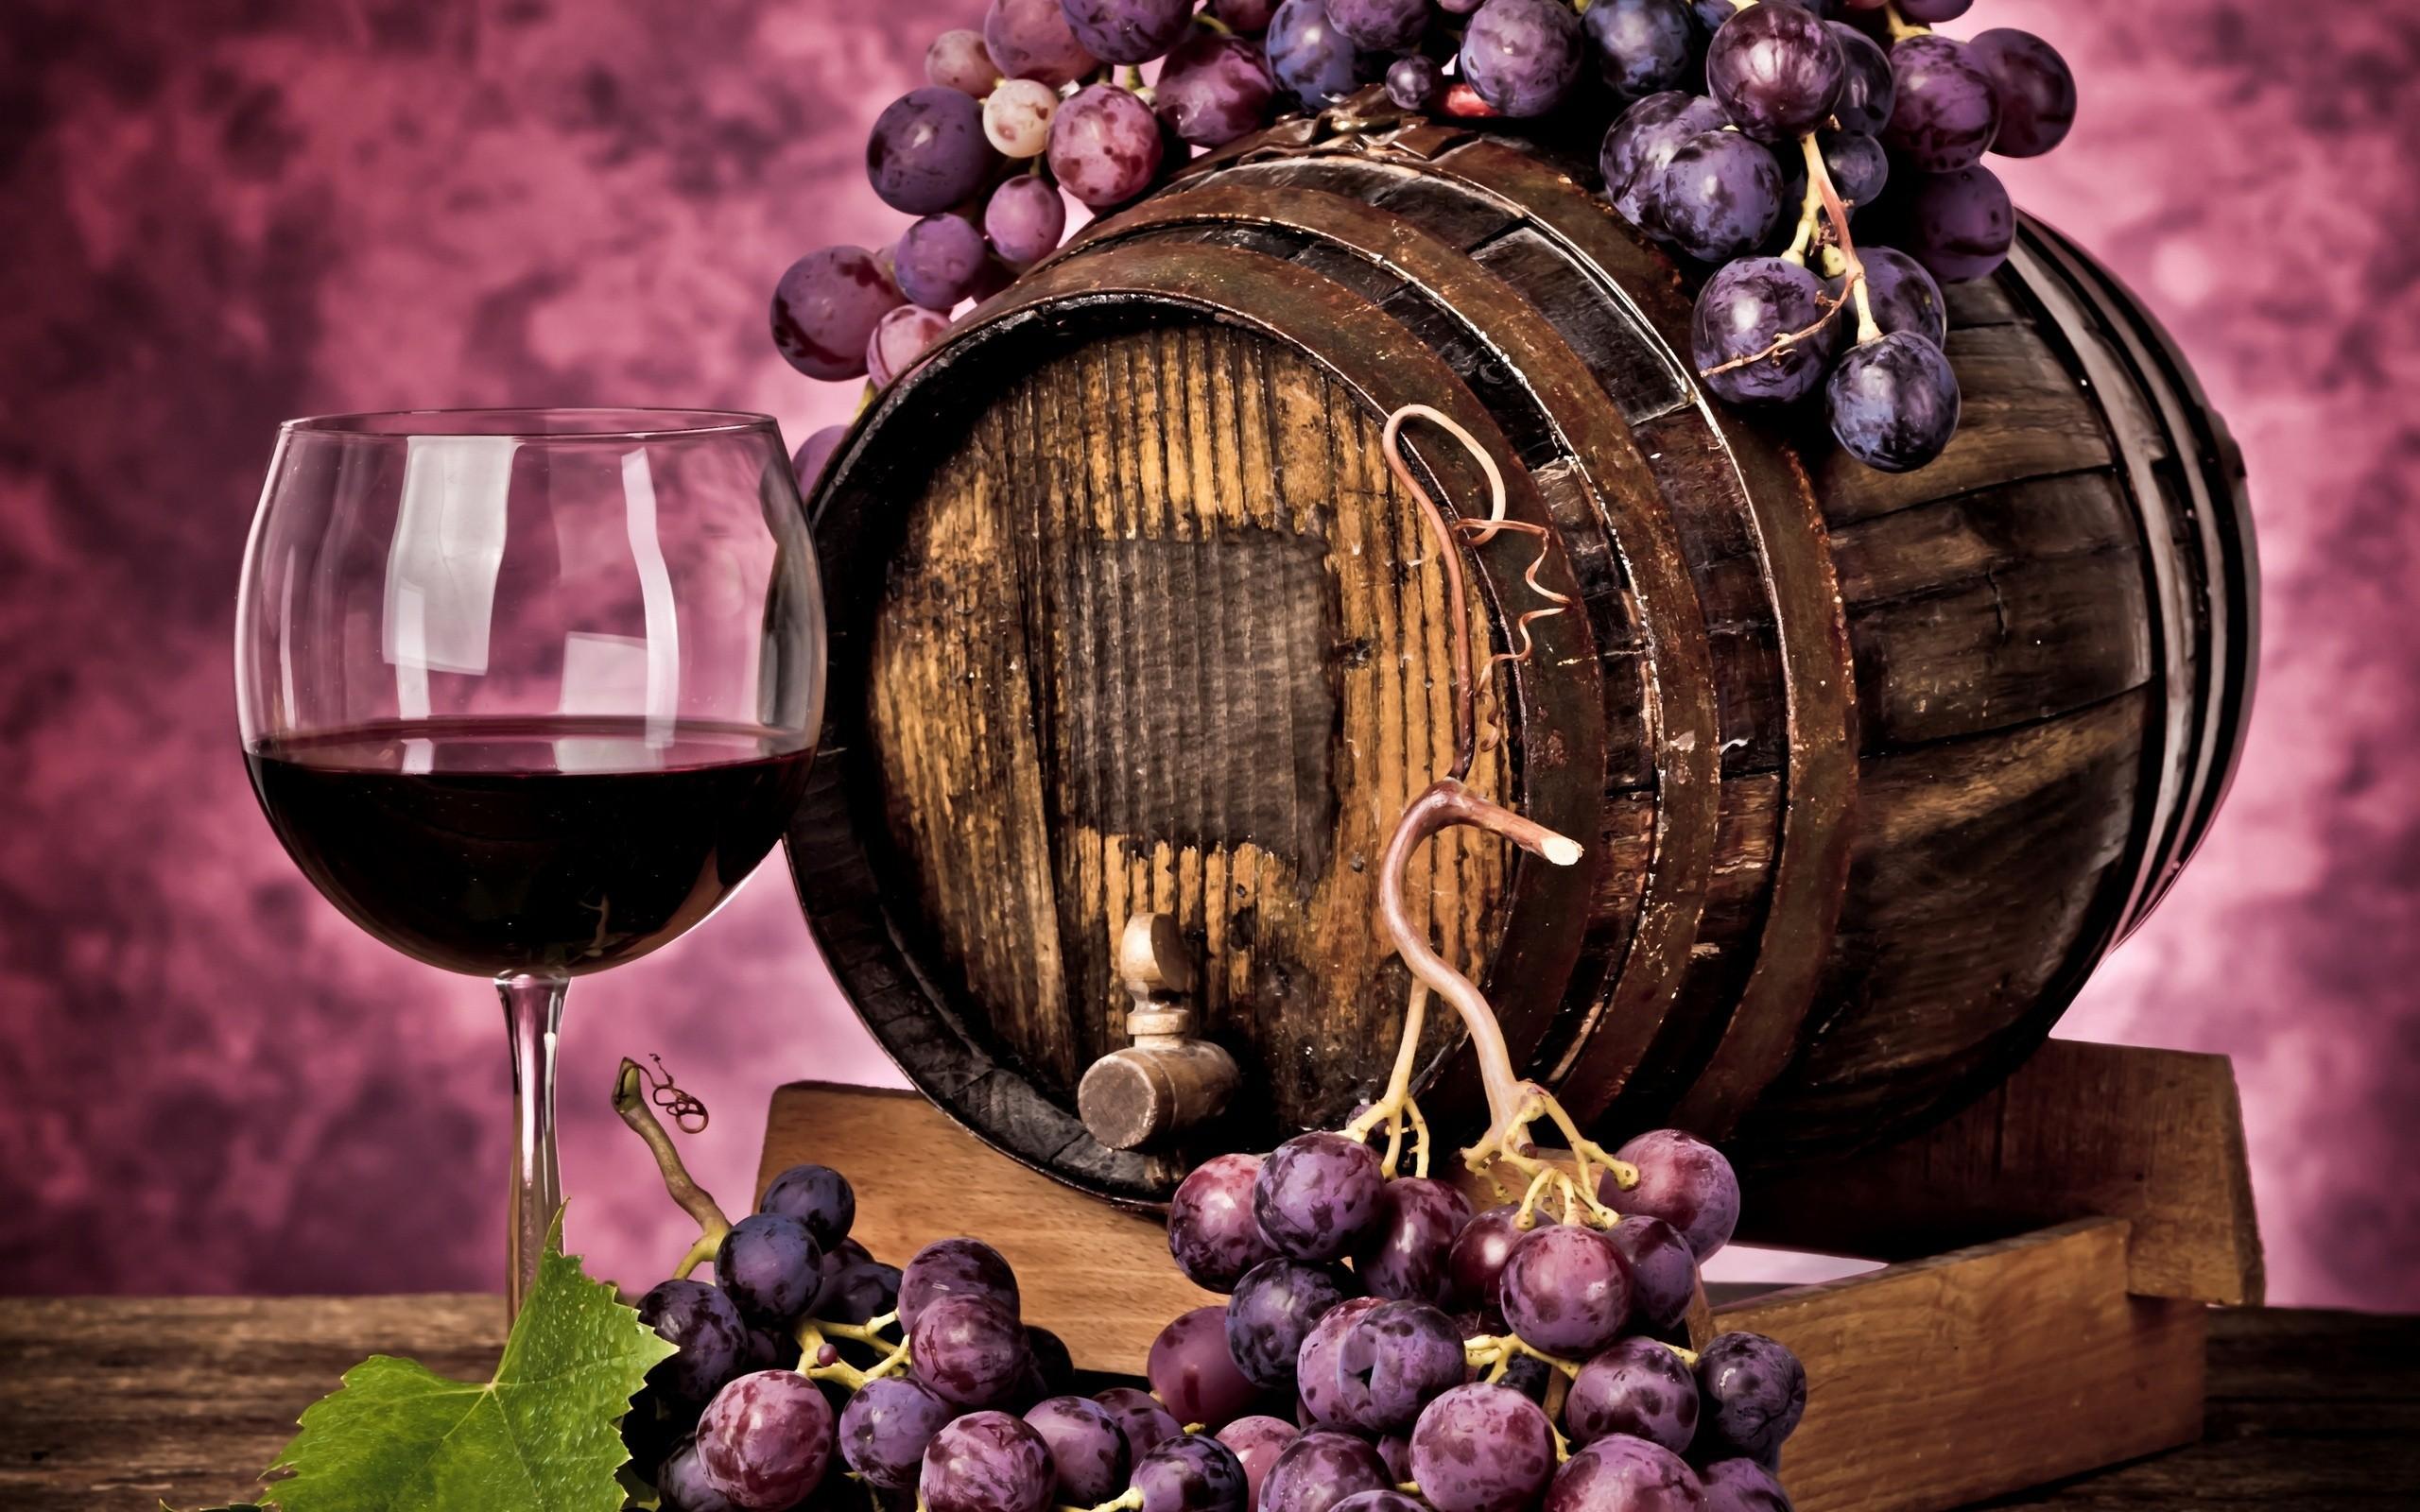 Wine Cellar Wallpaper : Wine barrel wallpaper wallpapersafari